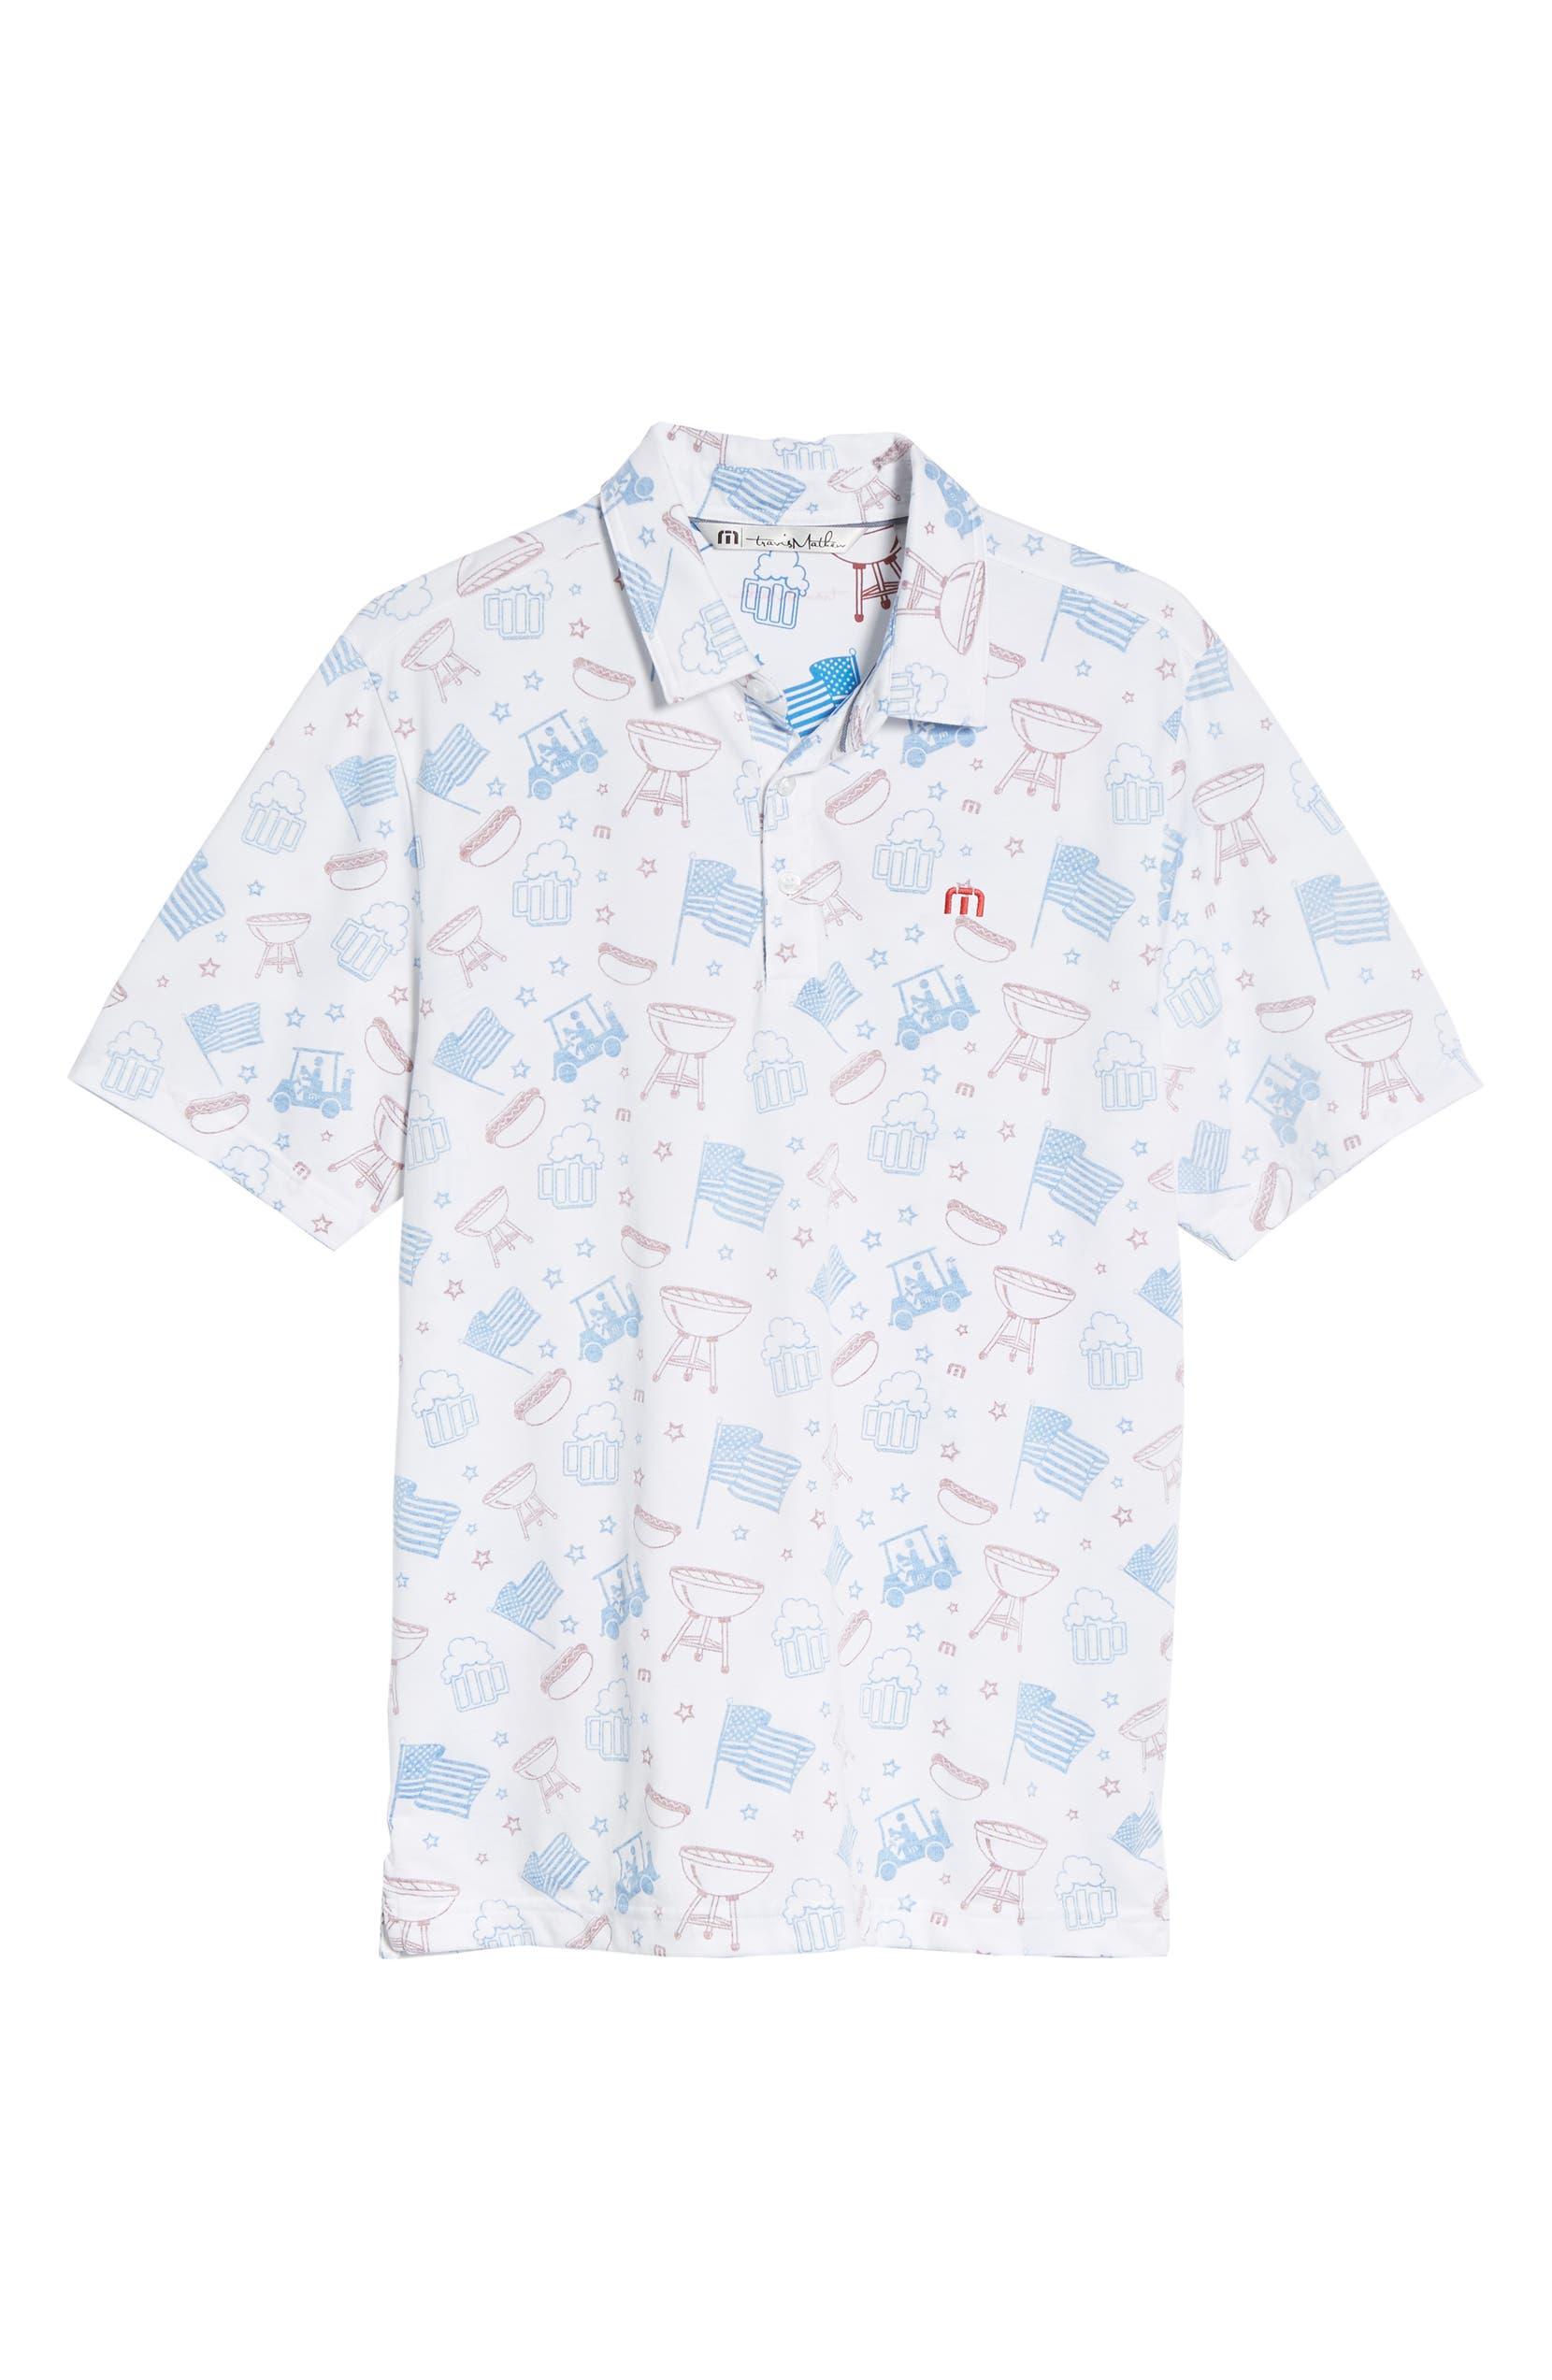 24aabd77 Travis Mathew Ahh Yeah Regular Fit Short Sleeve Sport Shirt | Nordstrom